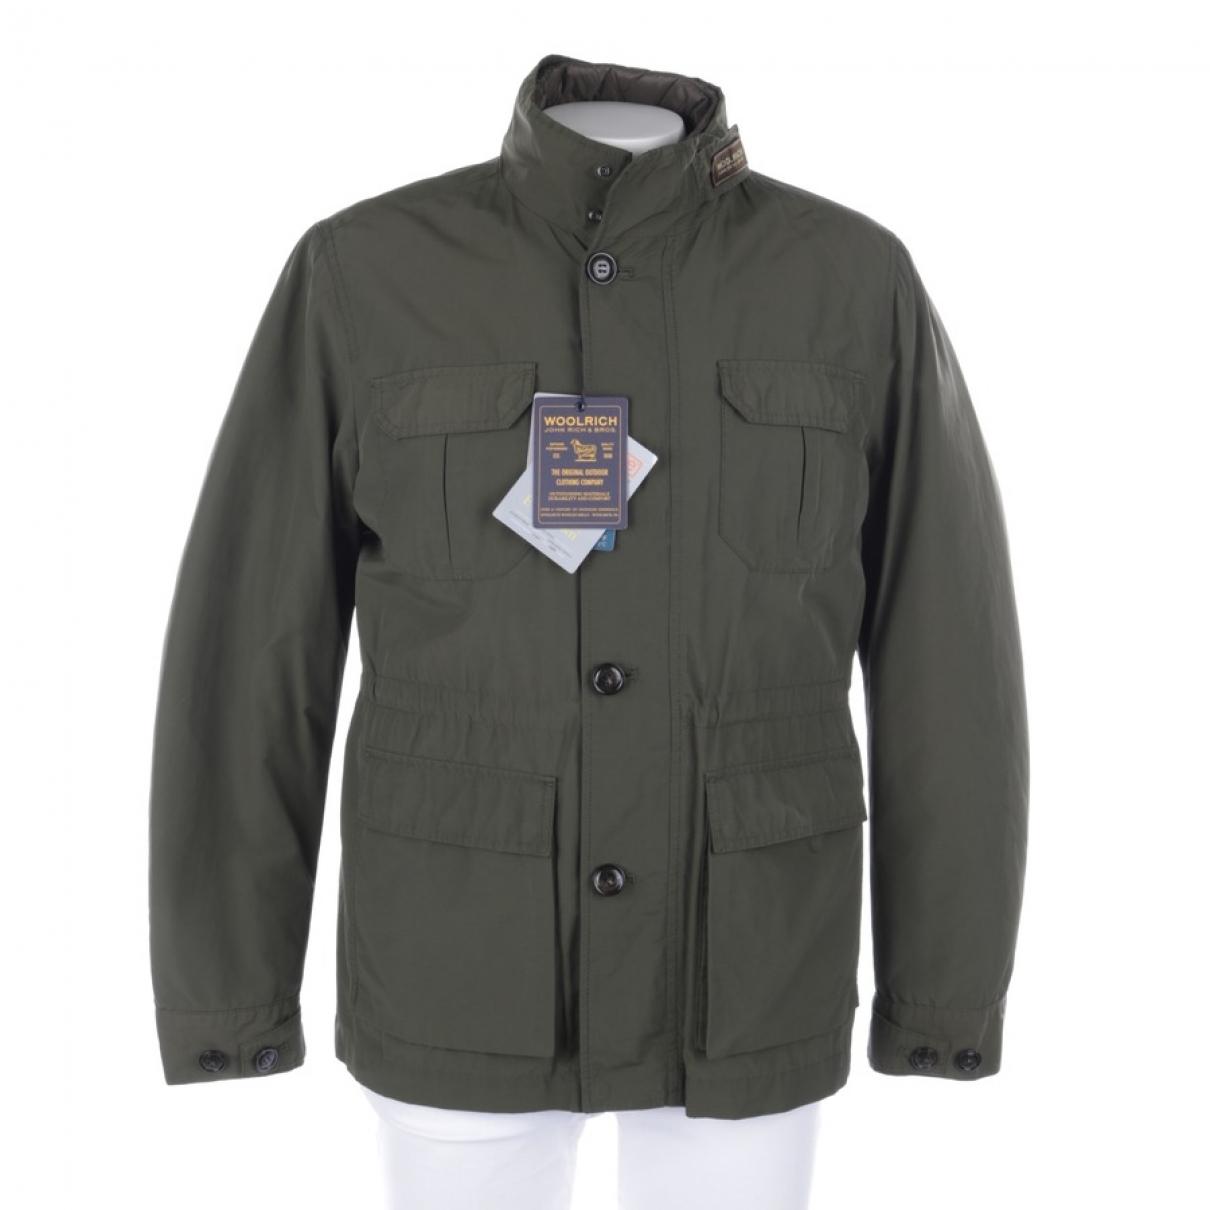 Woolrich \N Green jacket for Women L International